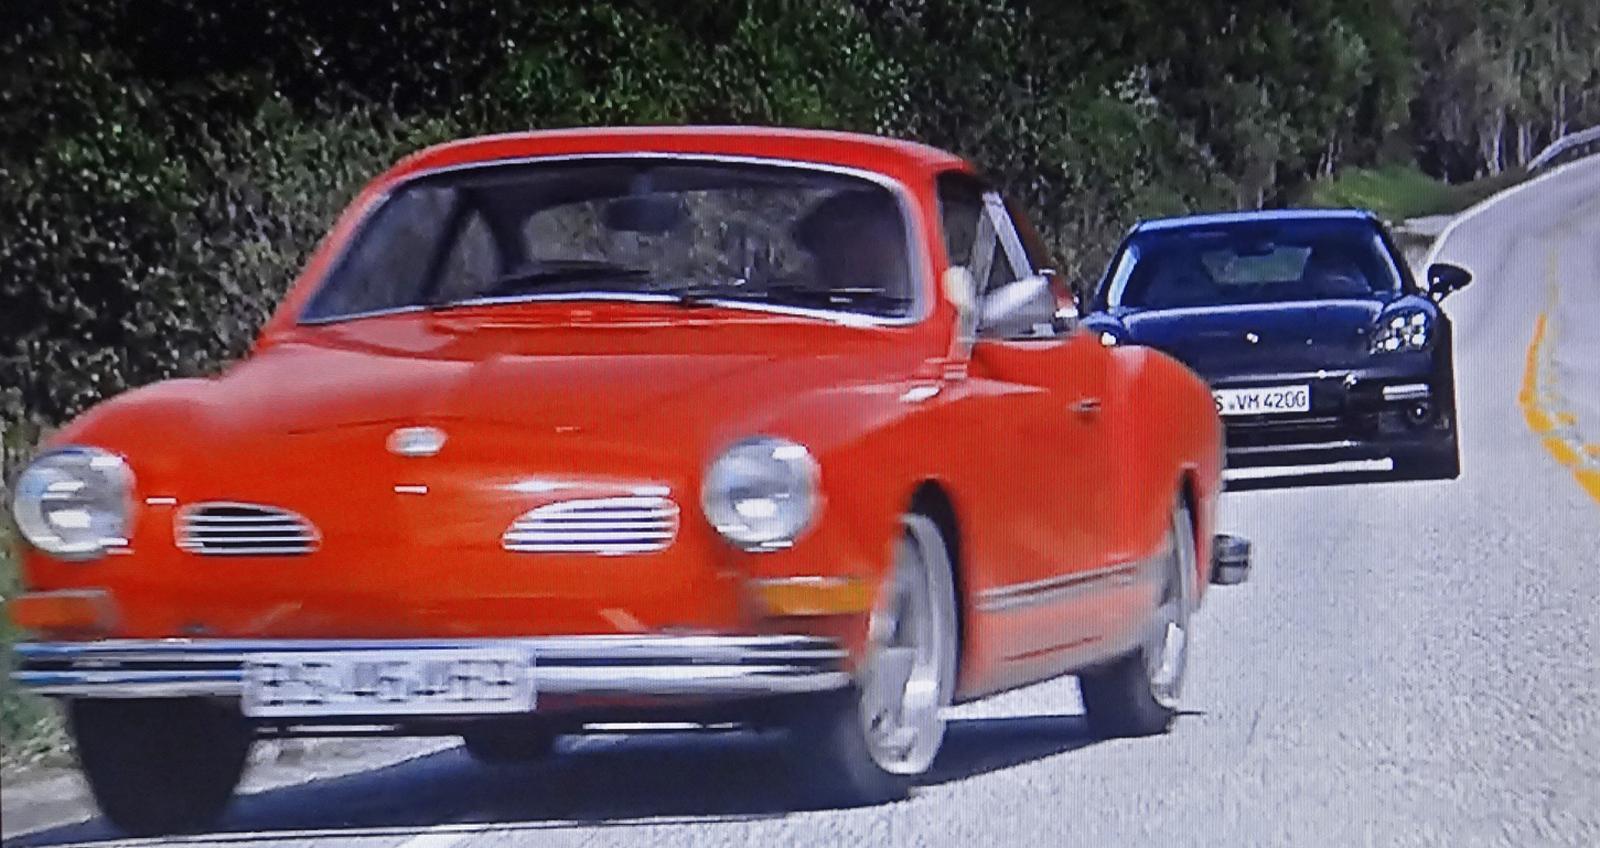 Karmann Ghia in Porsche Panamera TV ad